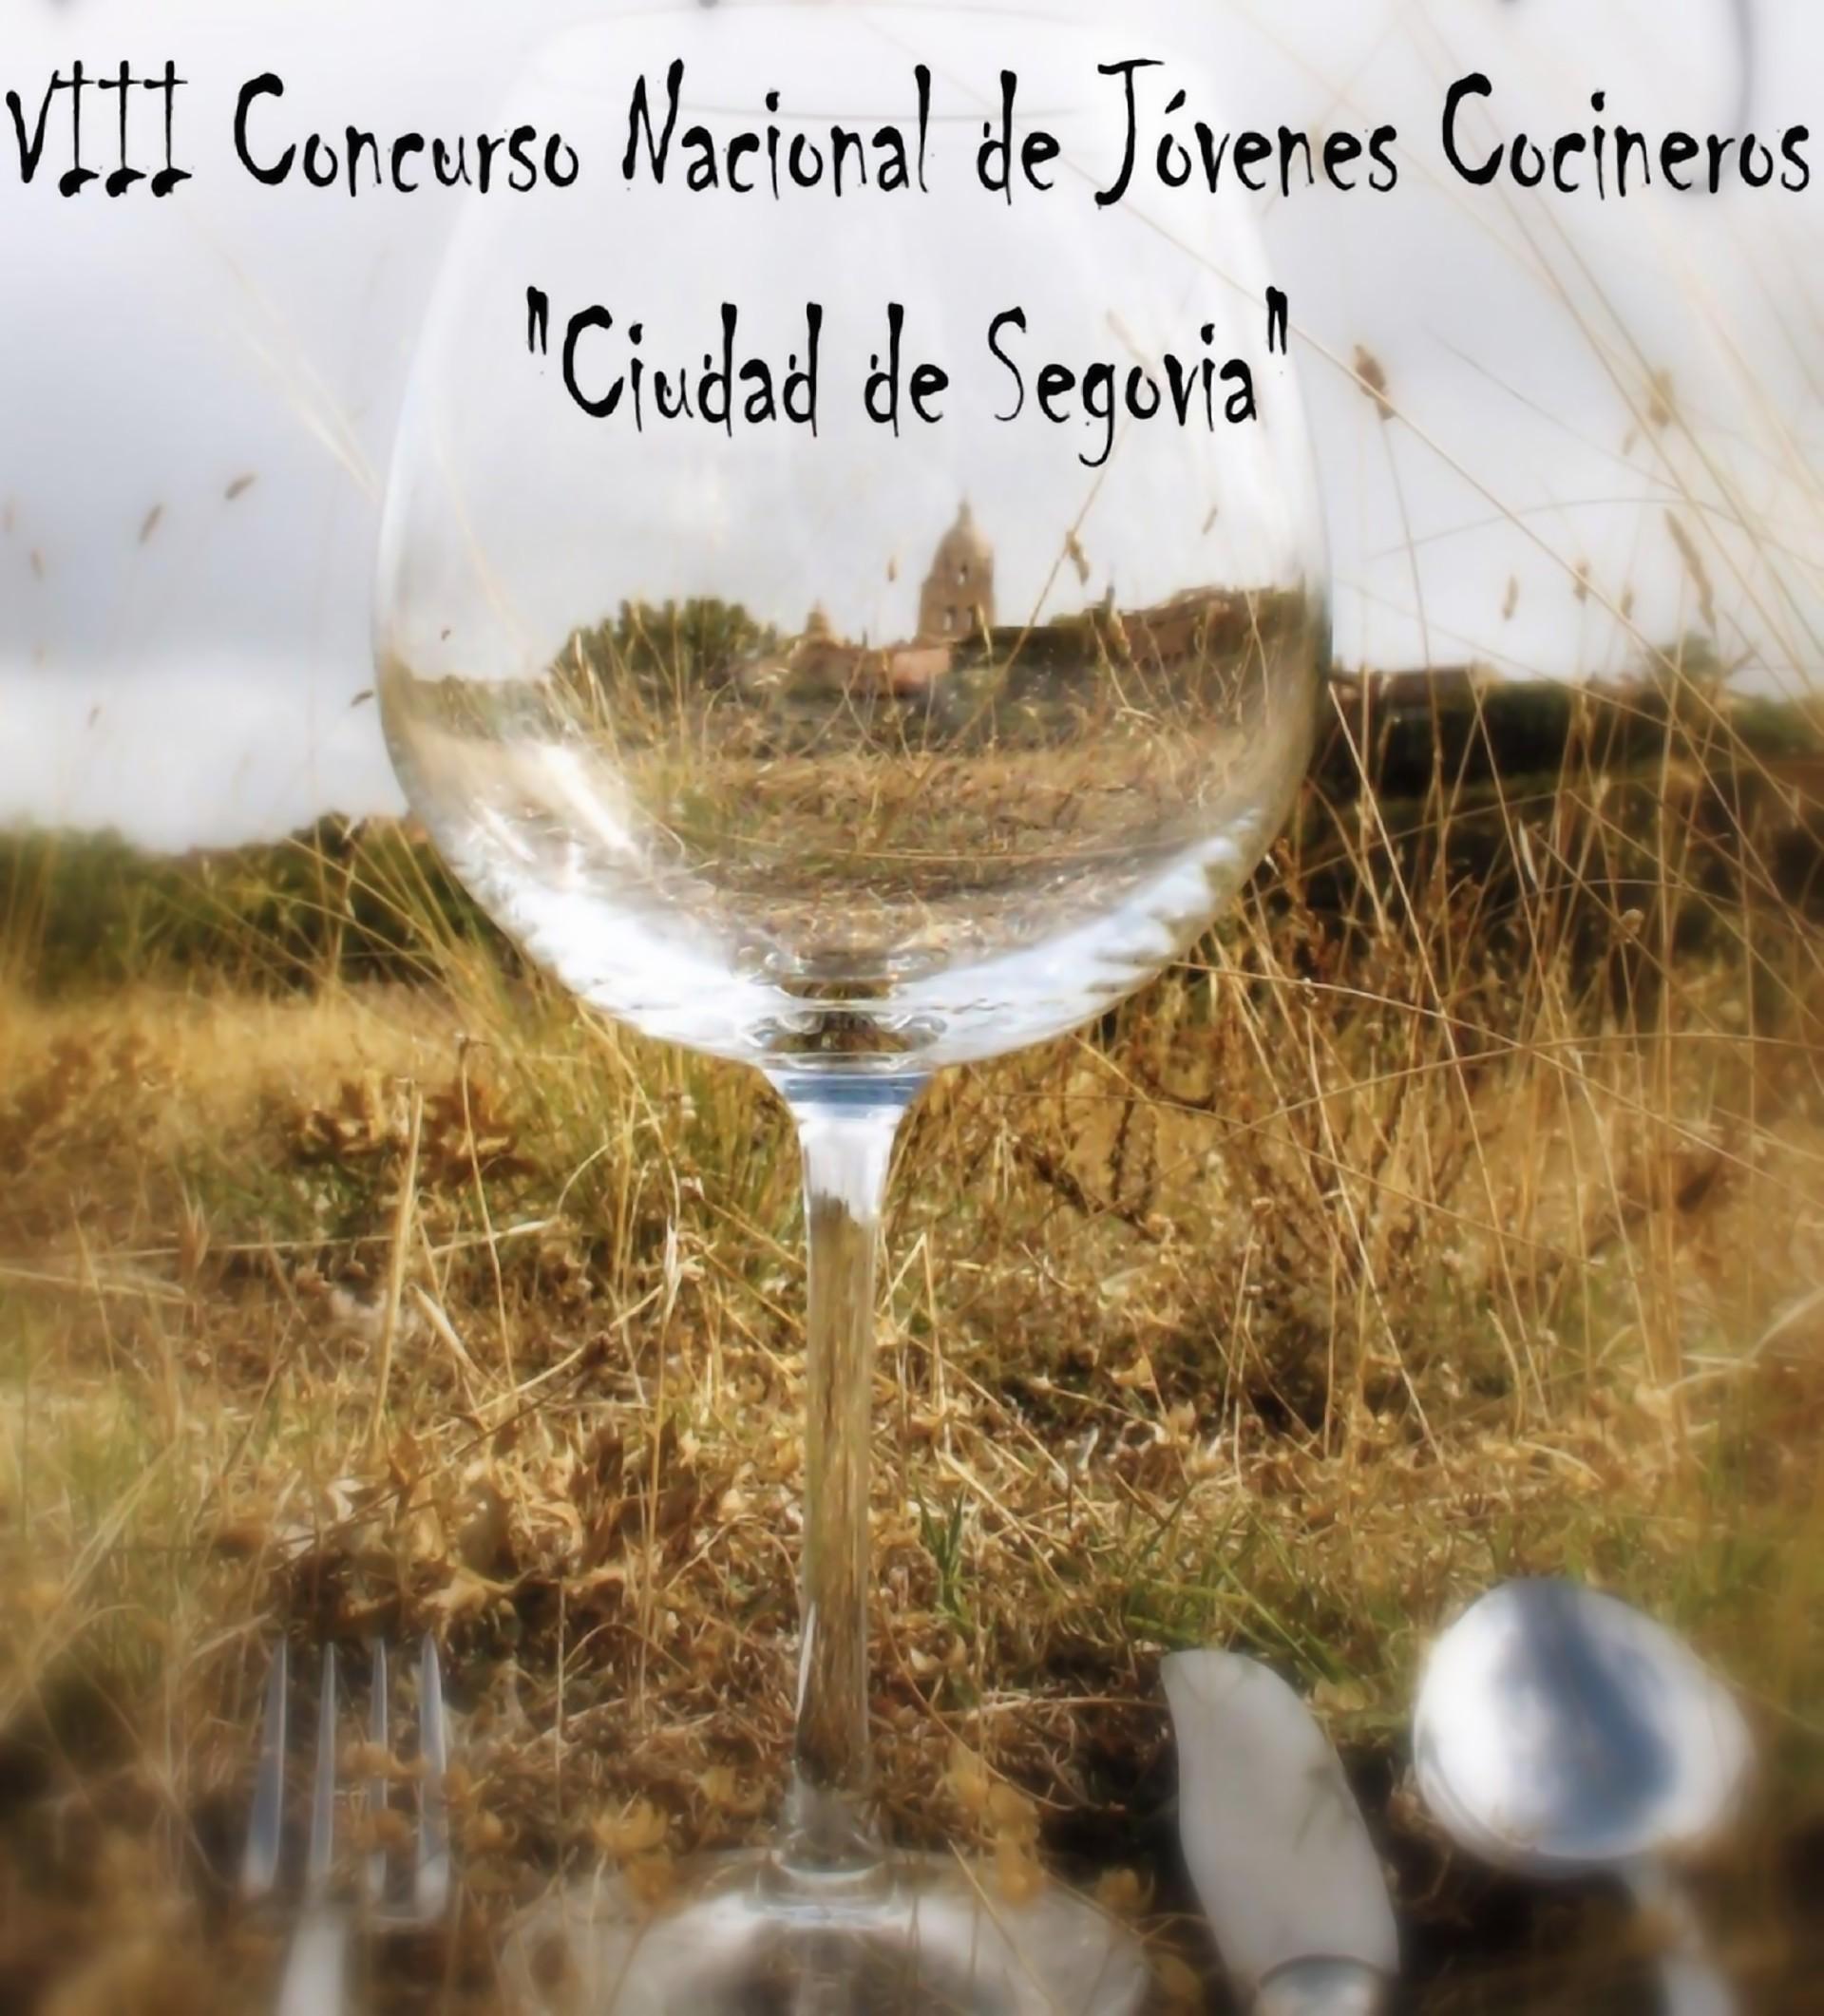 VIII Concurso Nacional de Jóvenes Cocineros Ciudad de Segovia